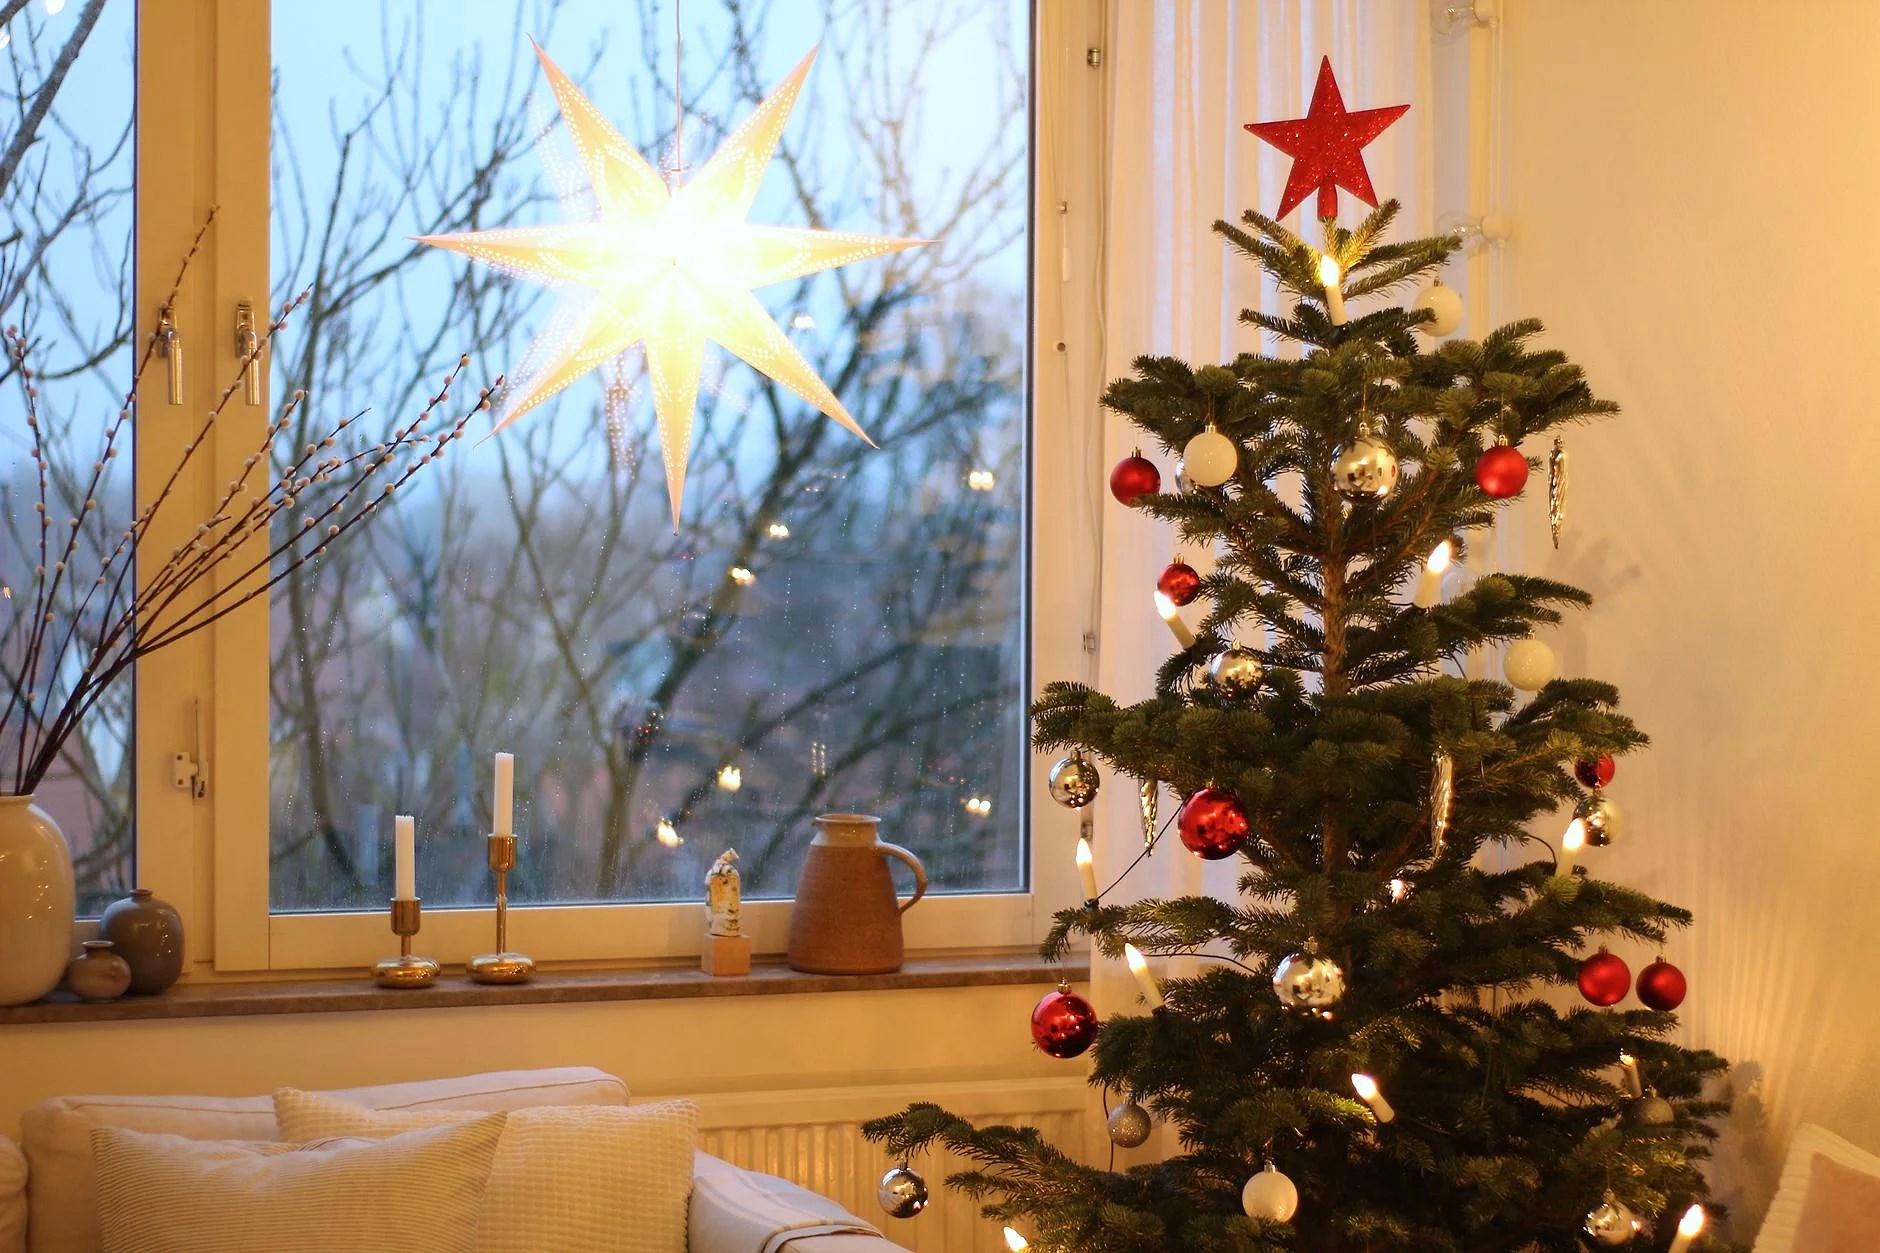 nu är det jul!